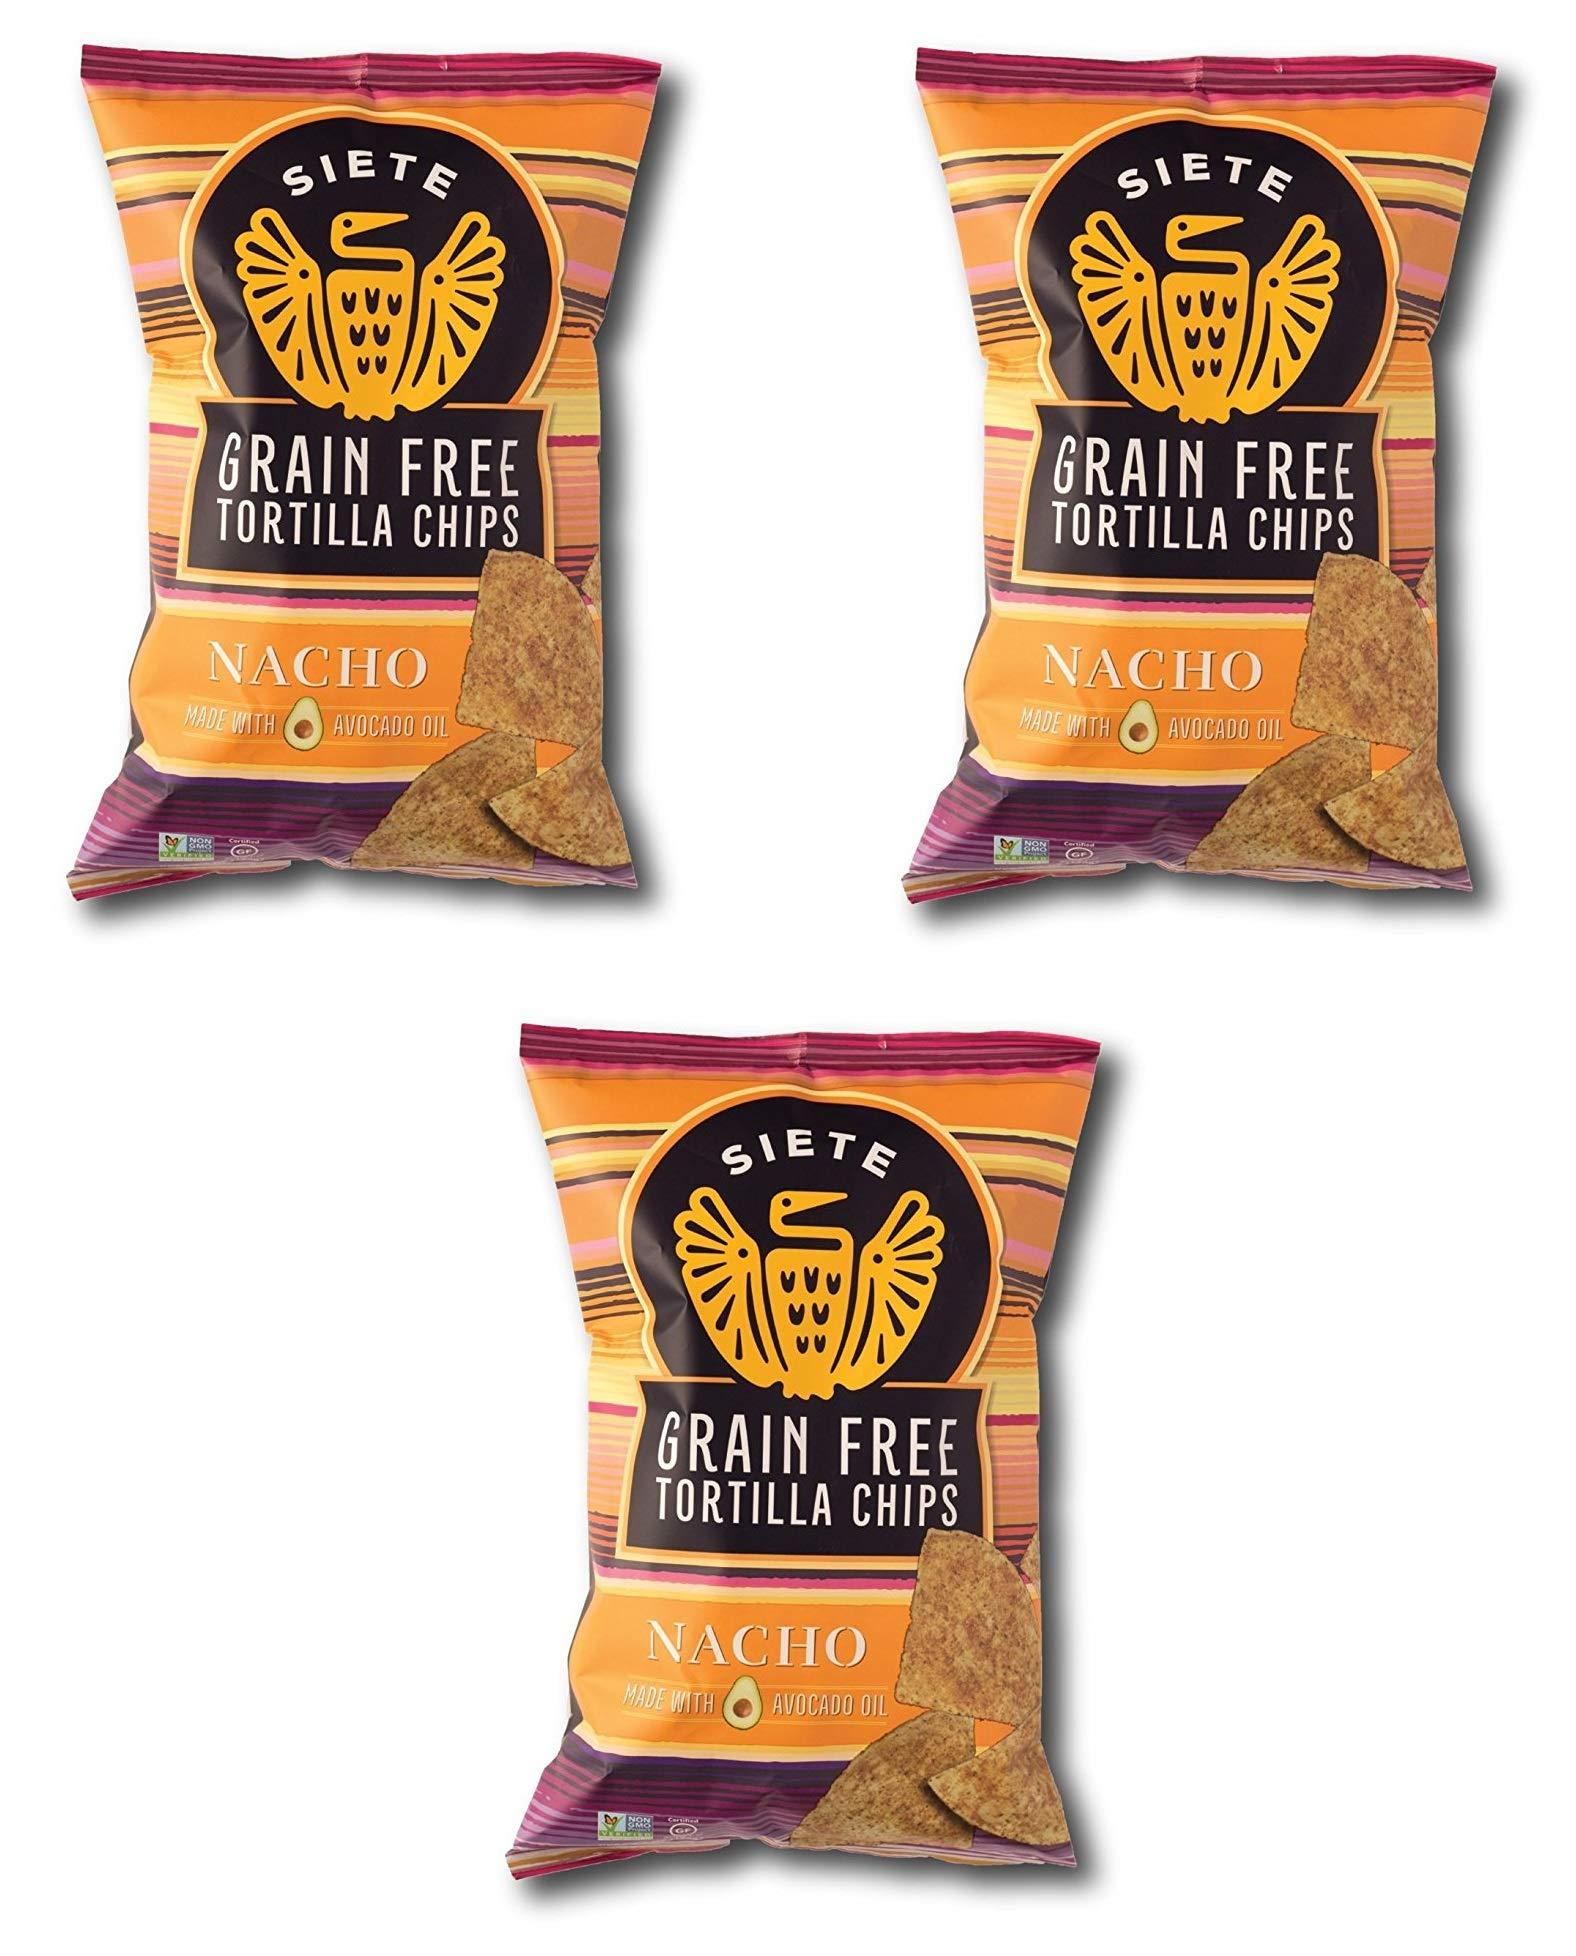 Siete Nacho Grain Free Tortilla Chips, 5 oz bags, 3-Pack by Siete